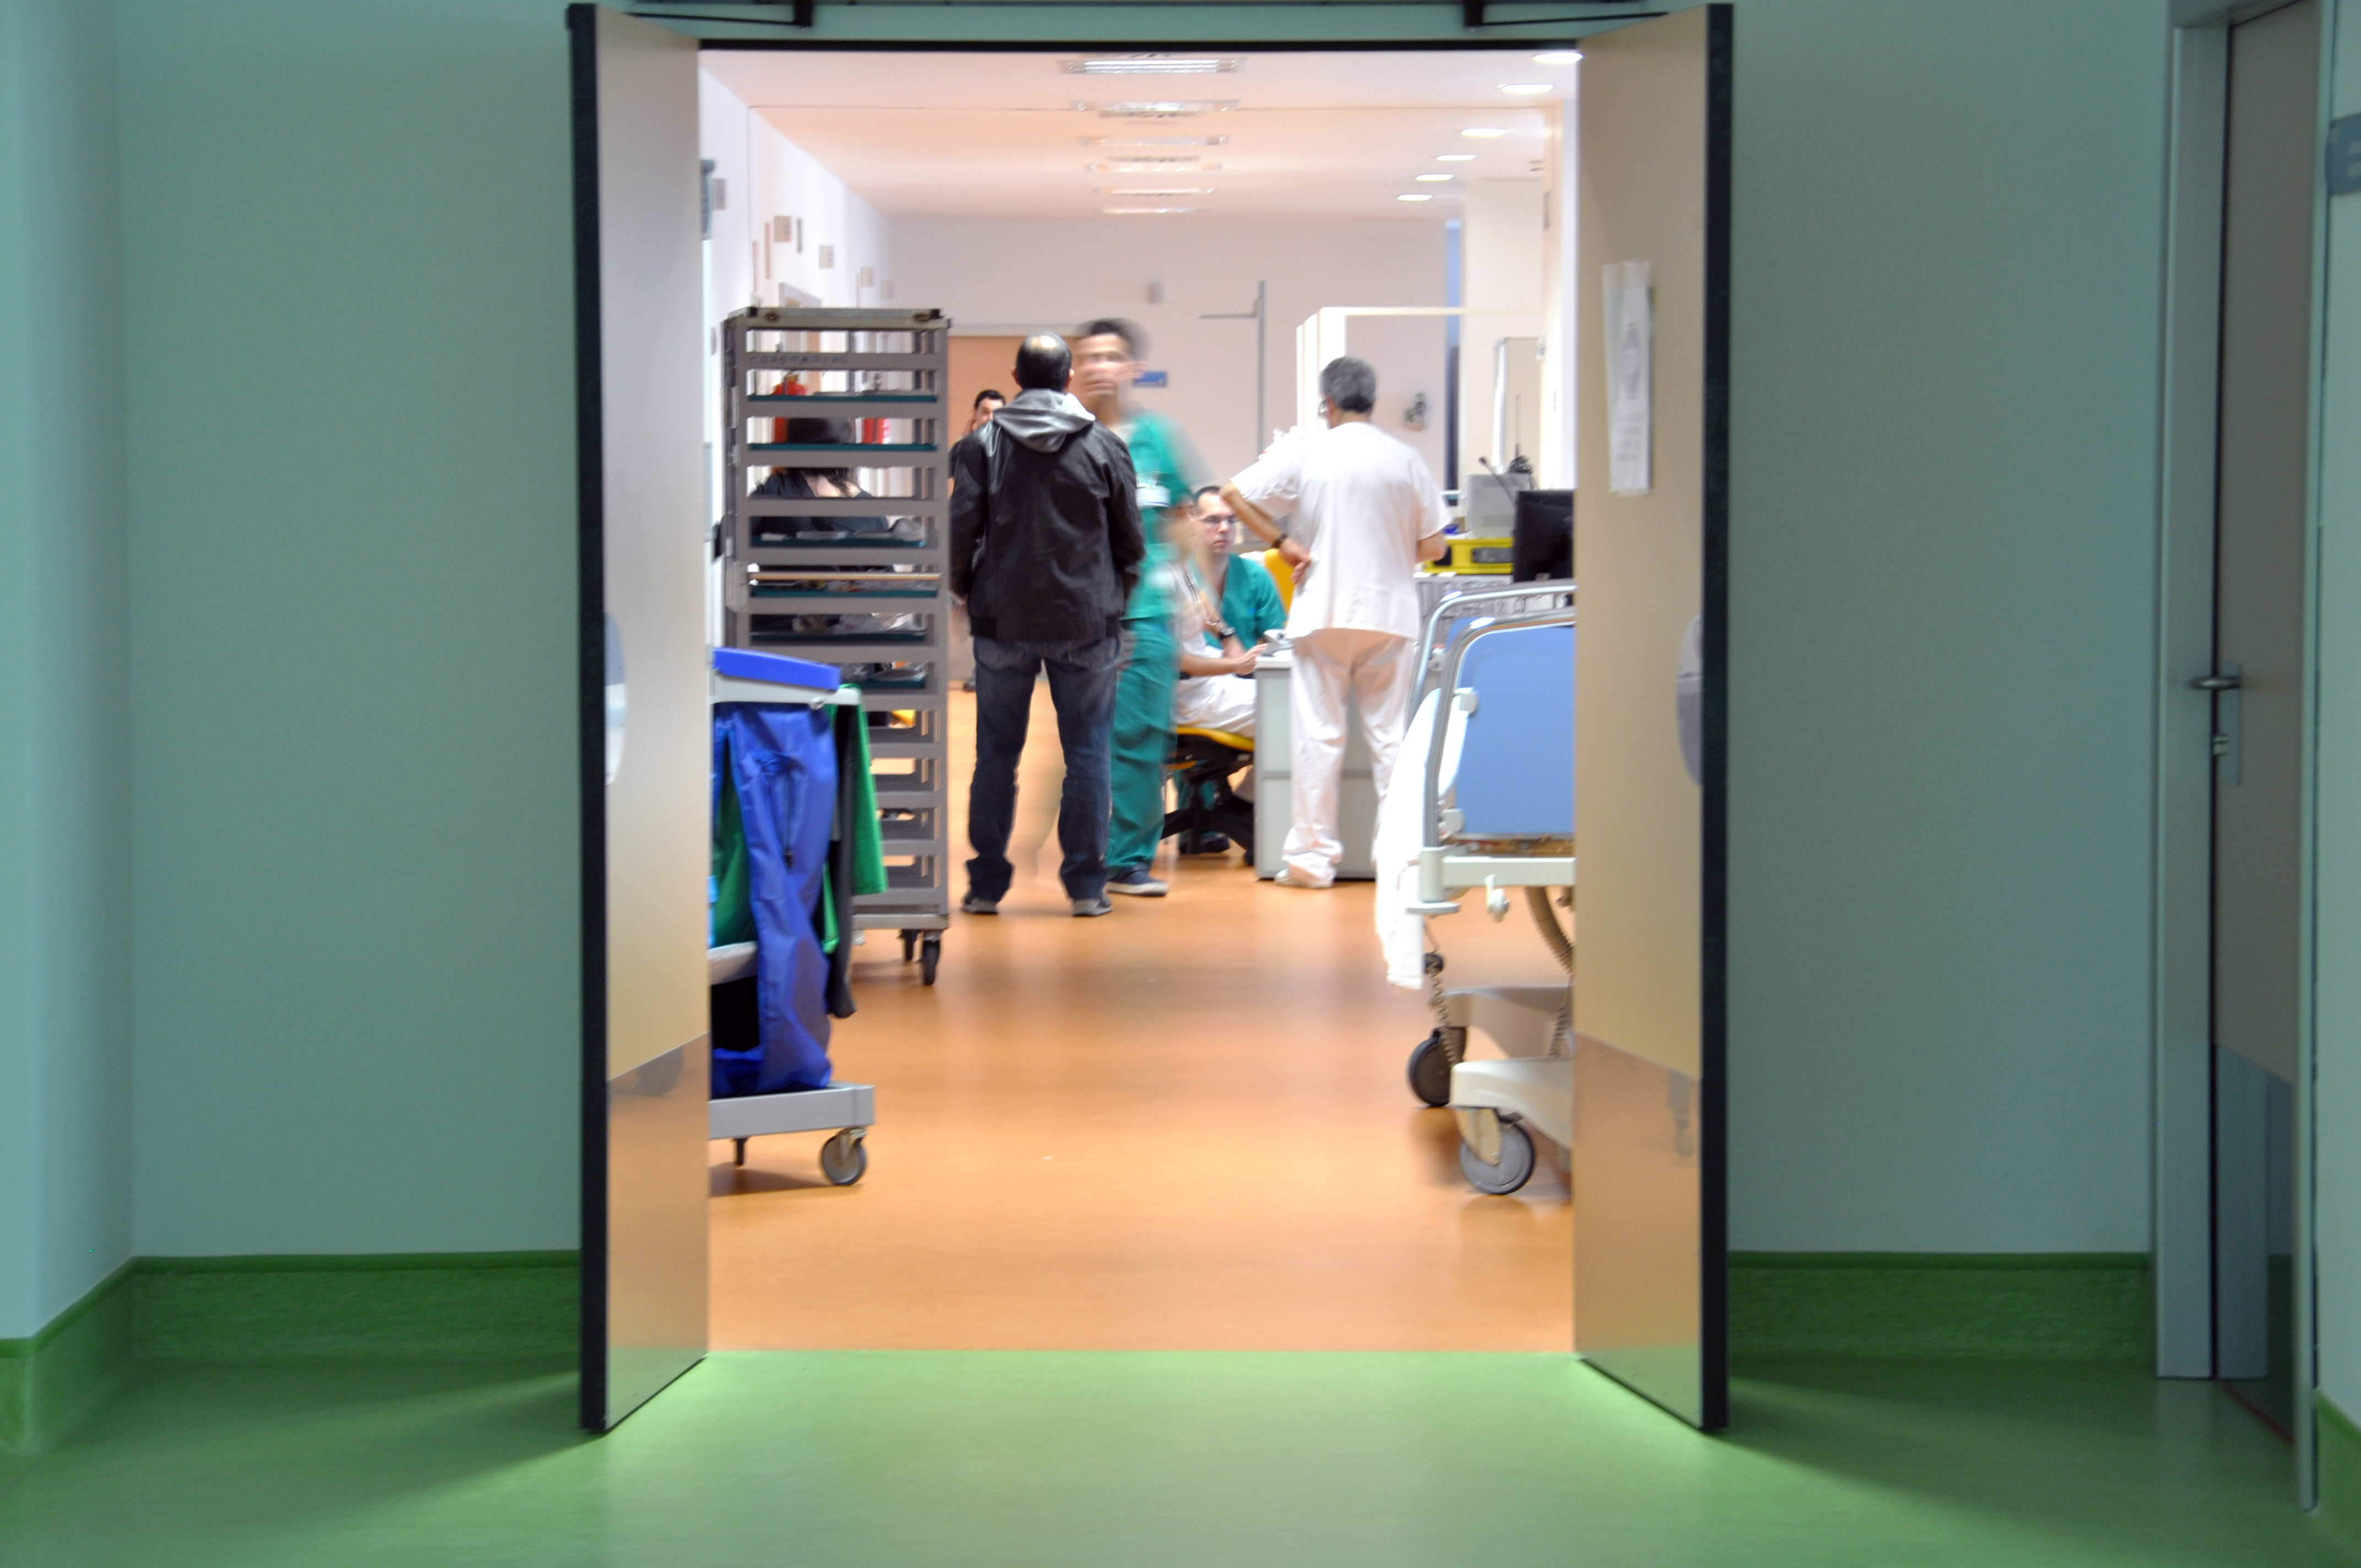 Bruselas propone nuevos límites de exposición a sustancias cancerígenas en el lugar de trabajo